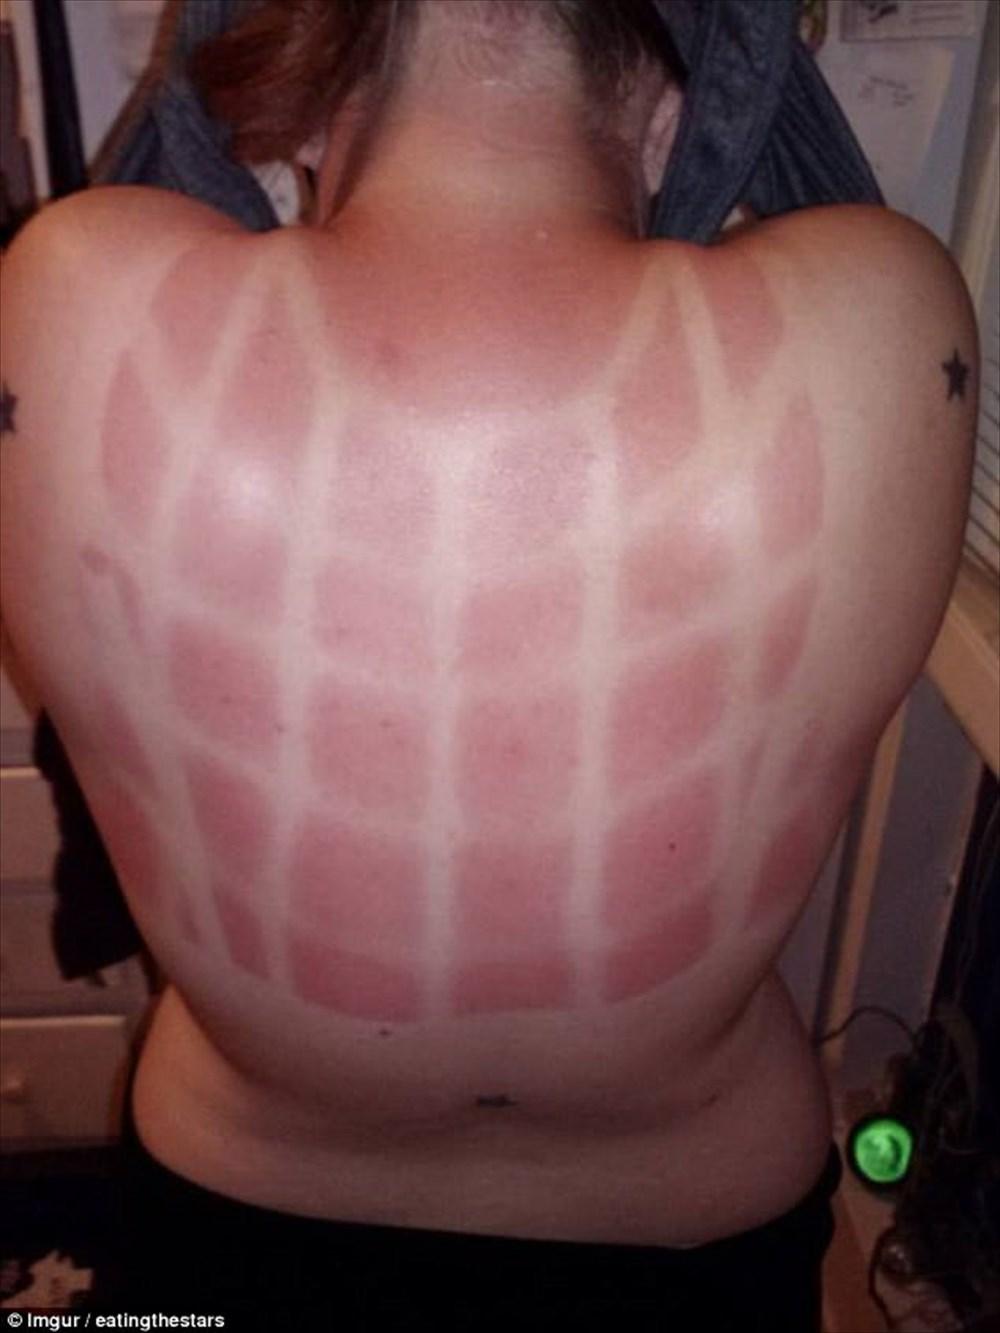 【夏に浮かれ過ぎた末路】 紫外線に負けた人々のとんでもない日焼け 20選